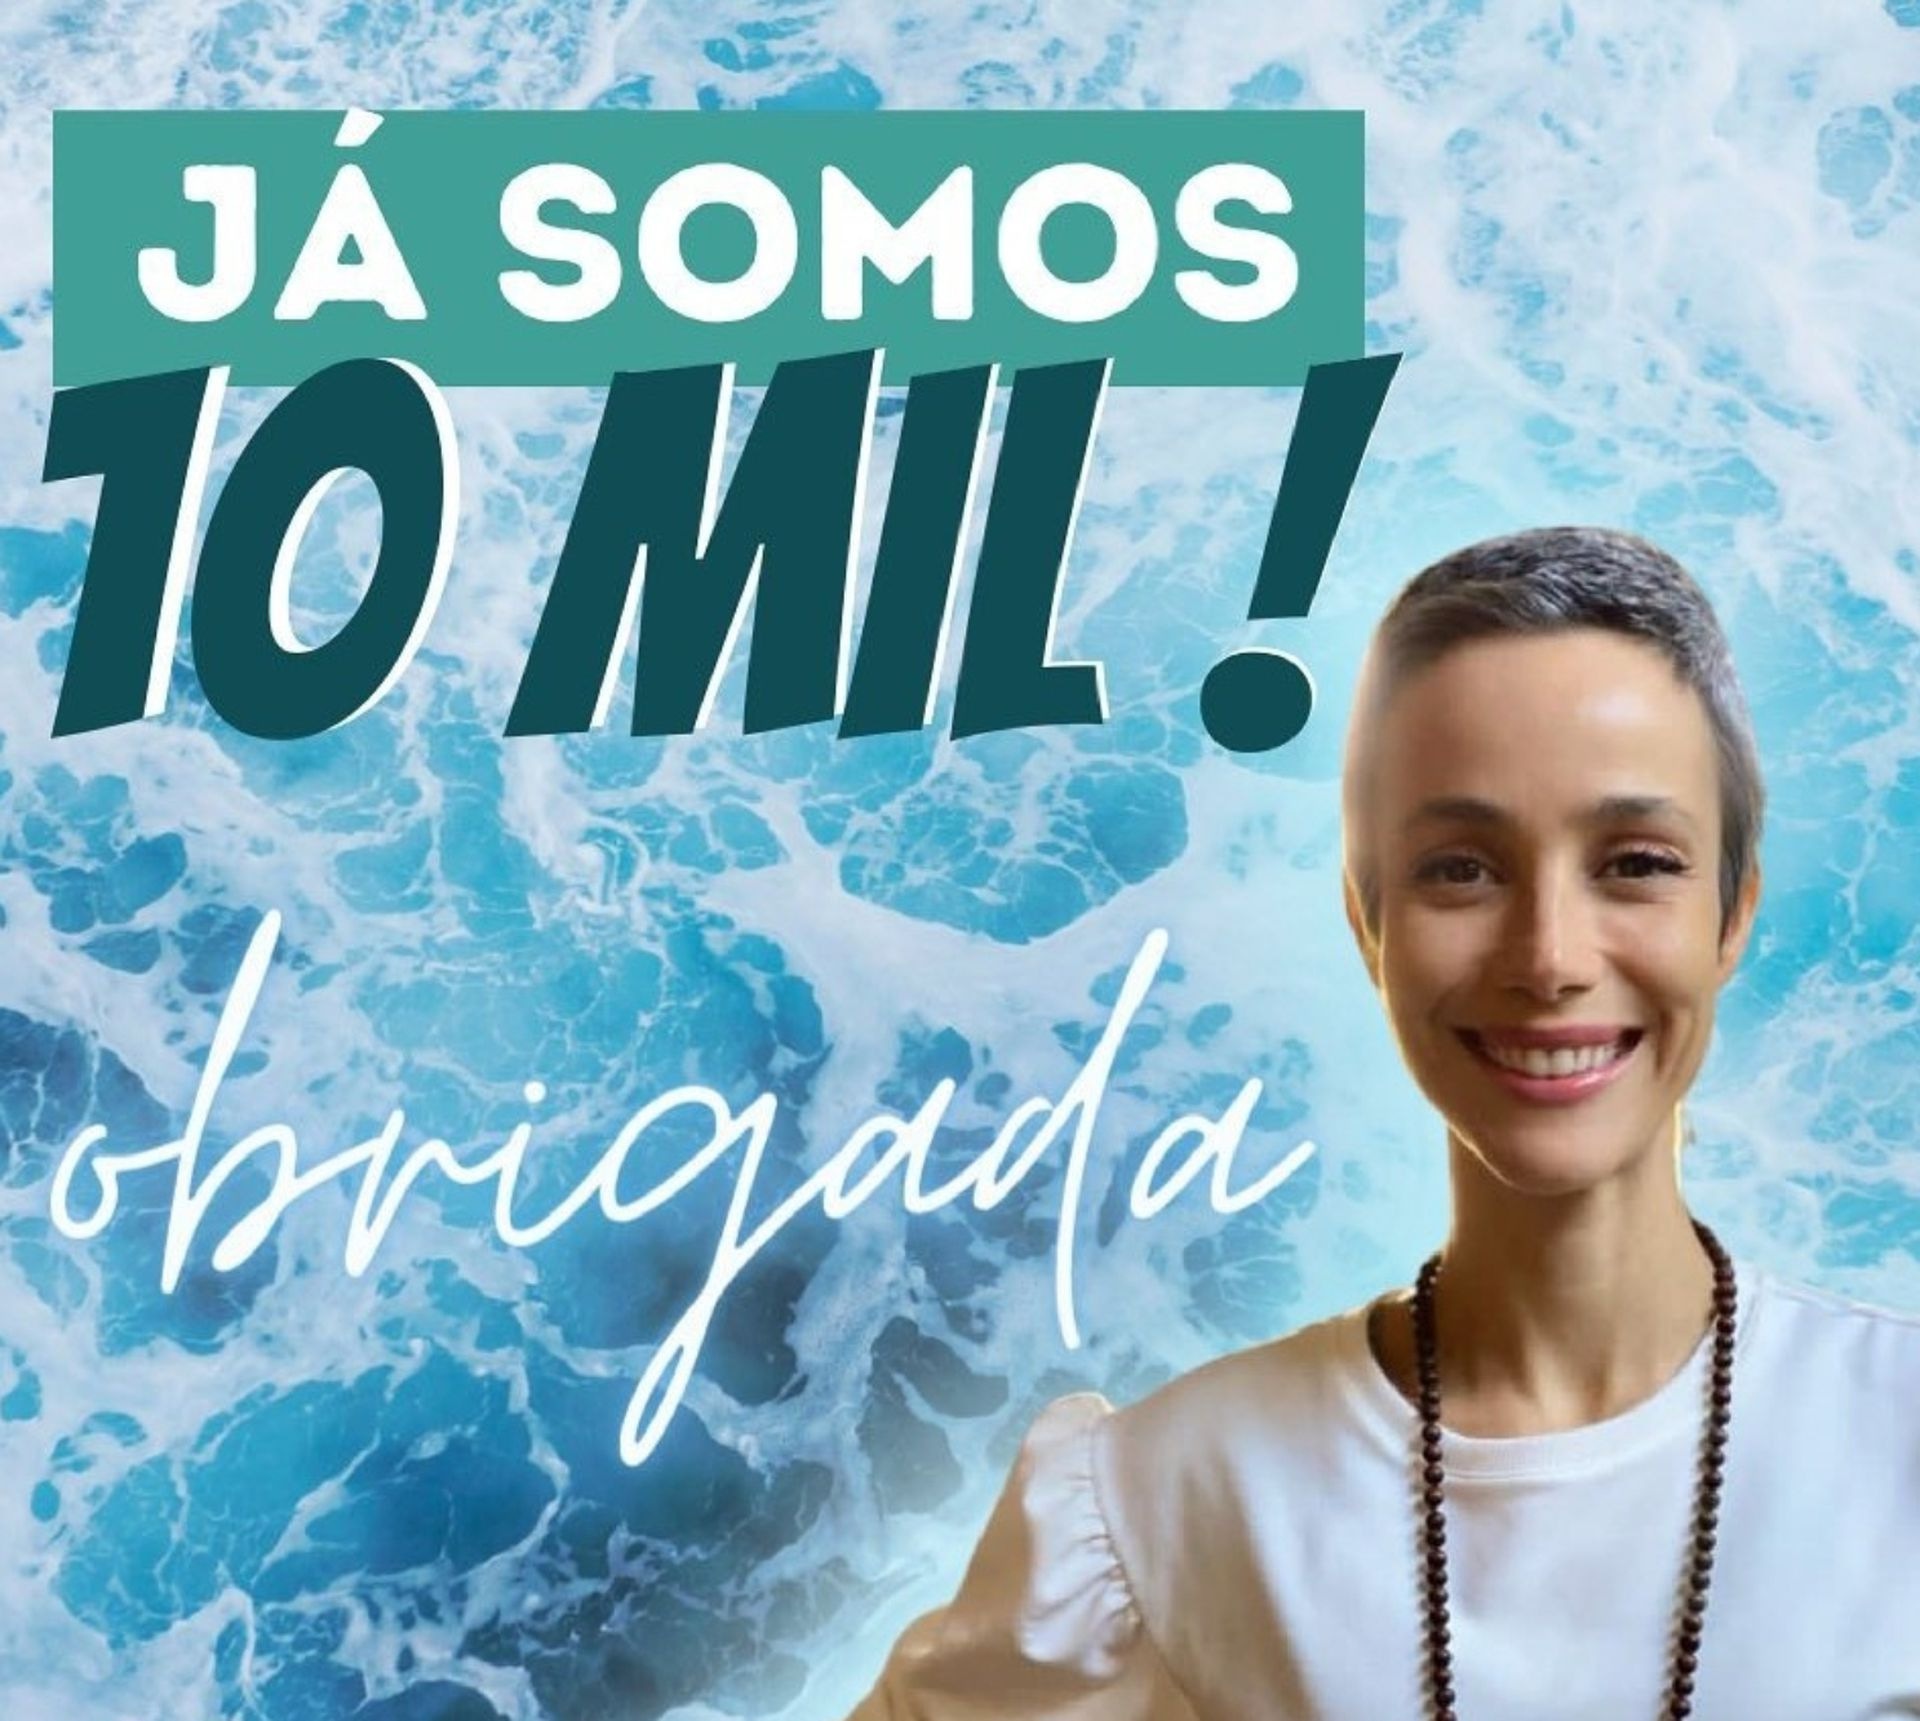 La actriz brasileña subió un flyer cuando @maearrependida llegó a las 10.000 seguidoras.